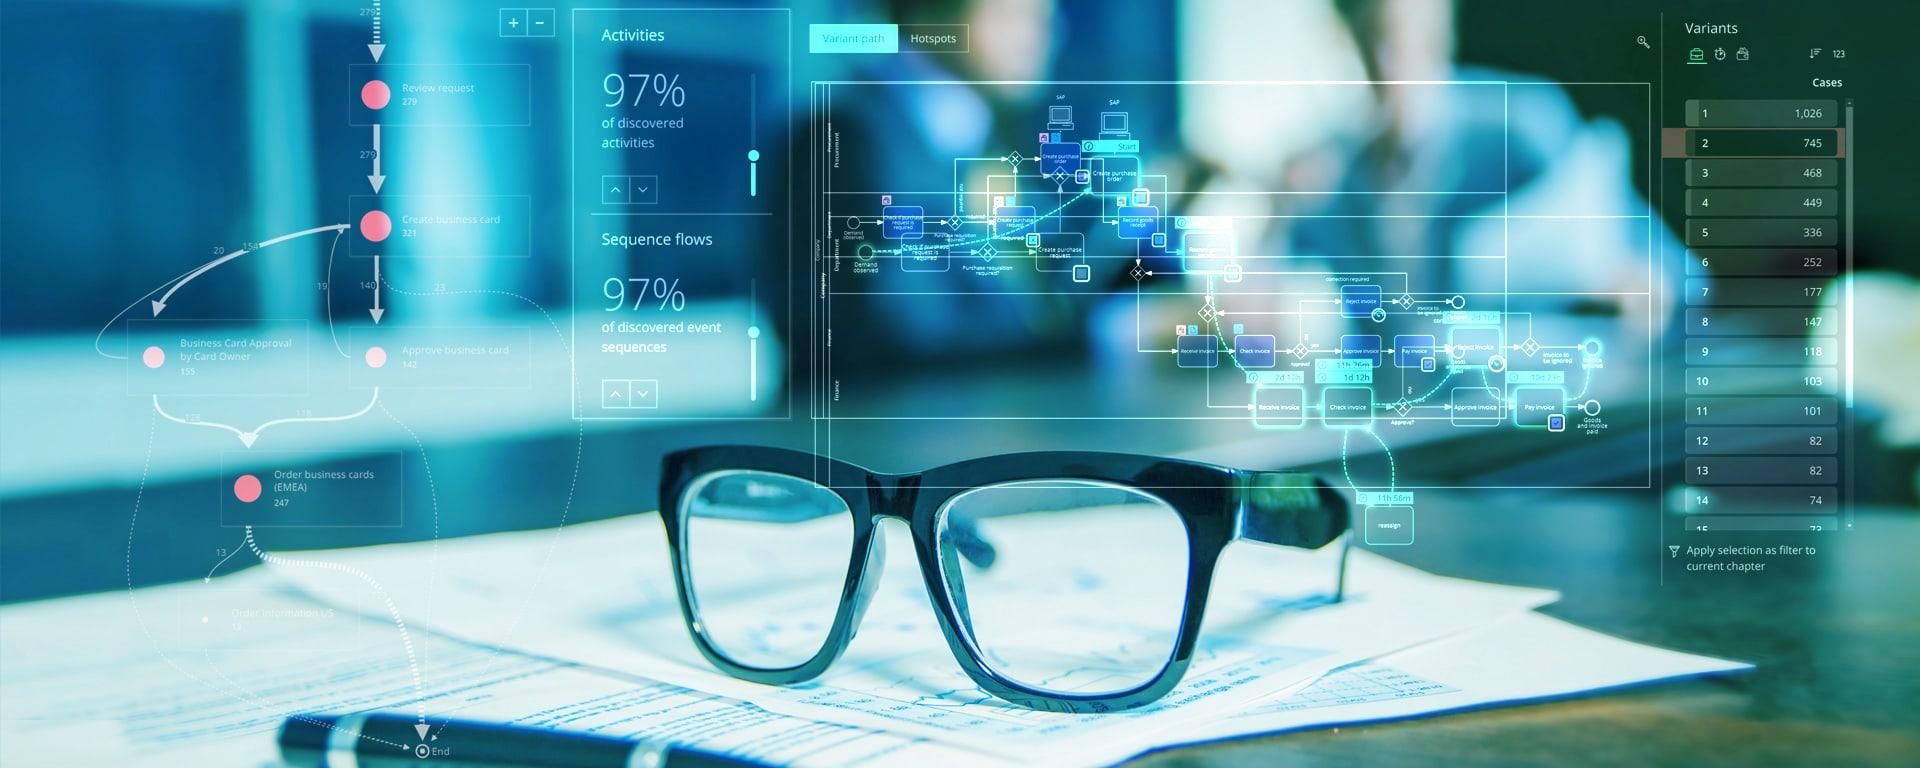 Process Mining for Banks blog header image - glasses on paper blue